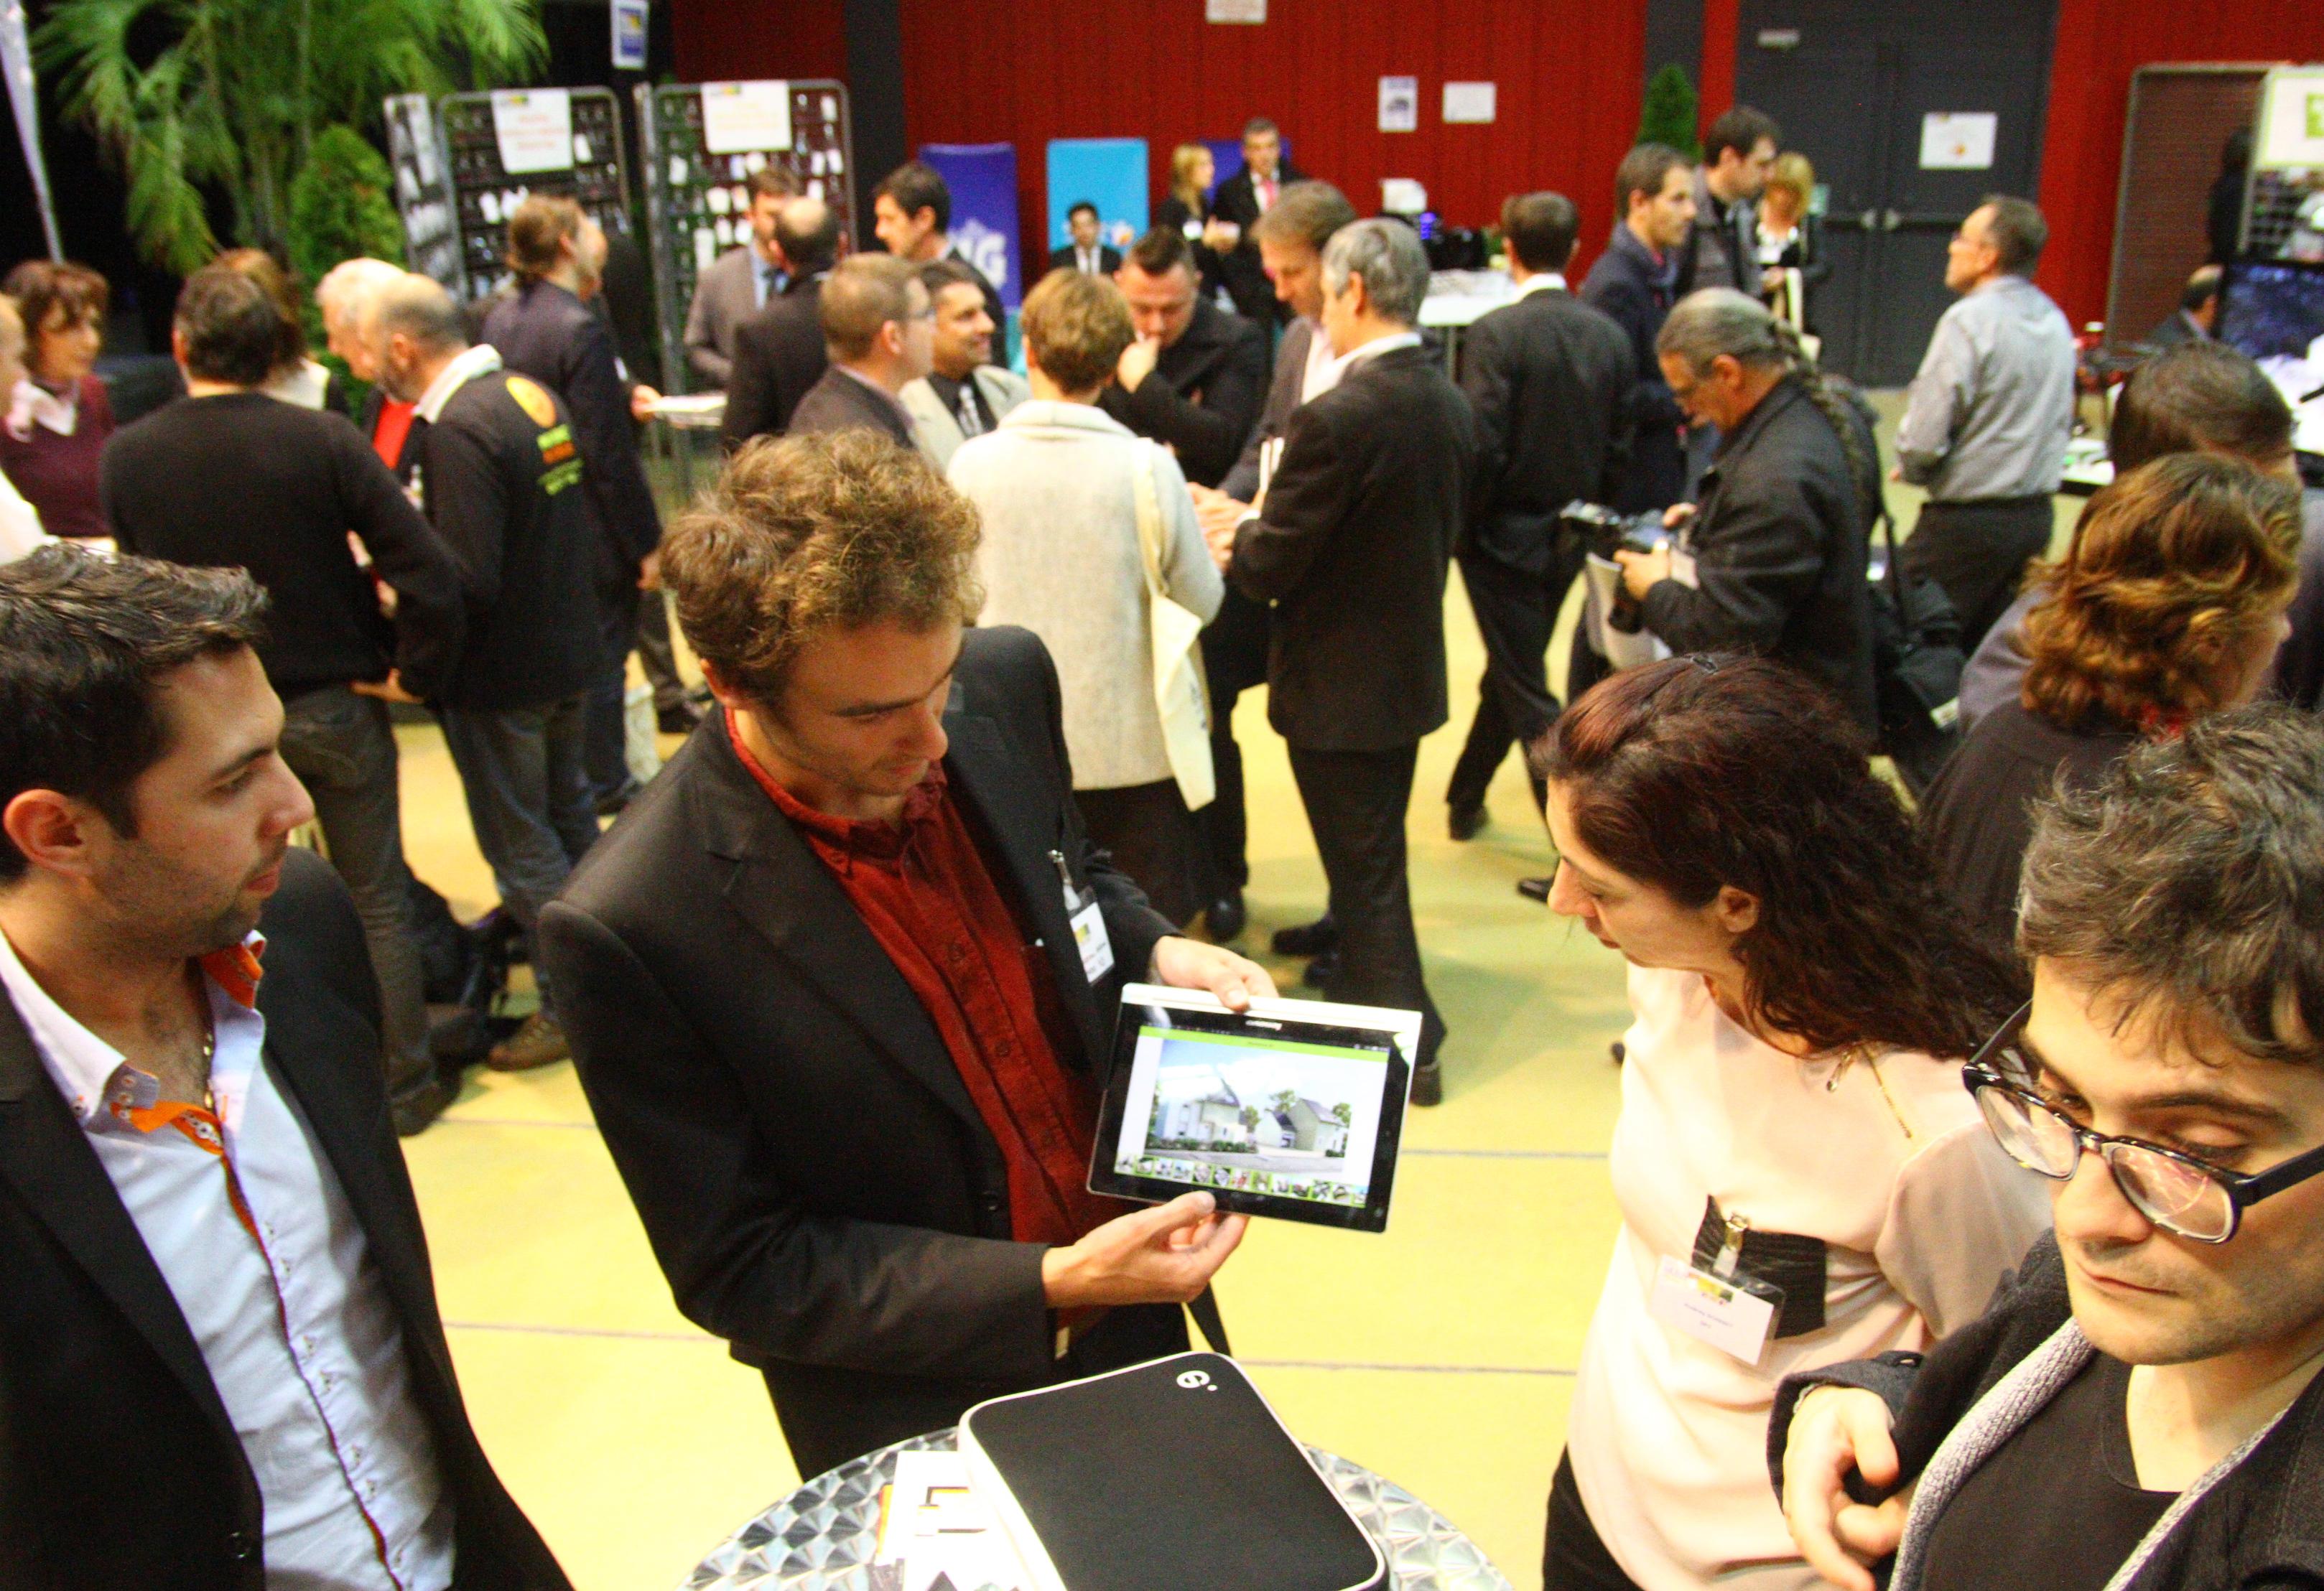 Tlm rencontre d'entrepreneurs